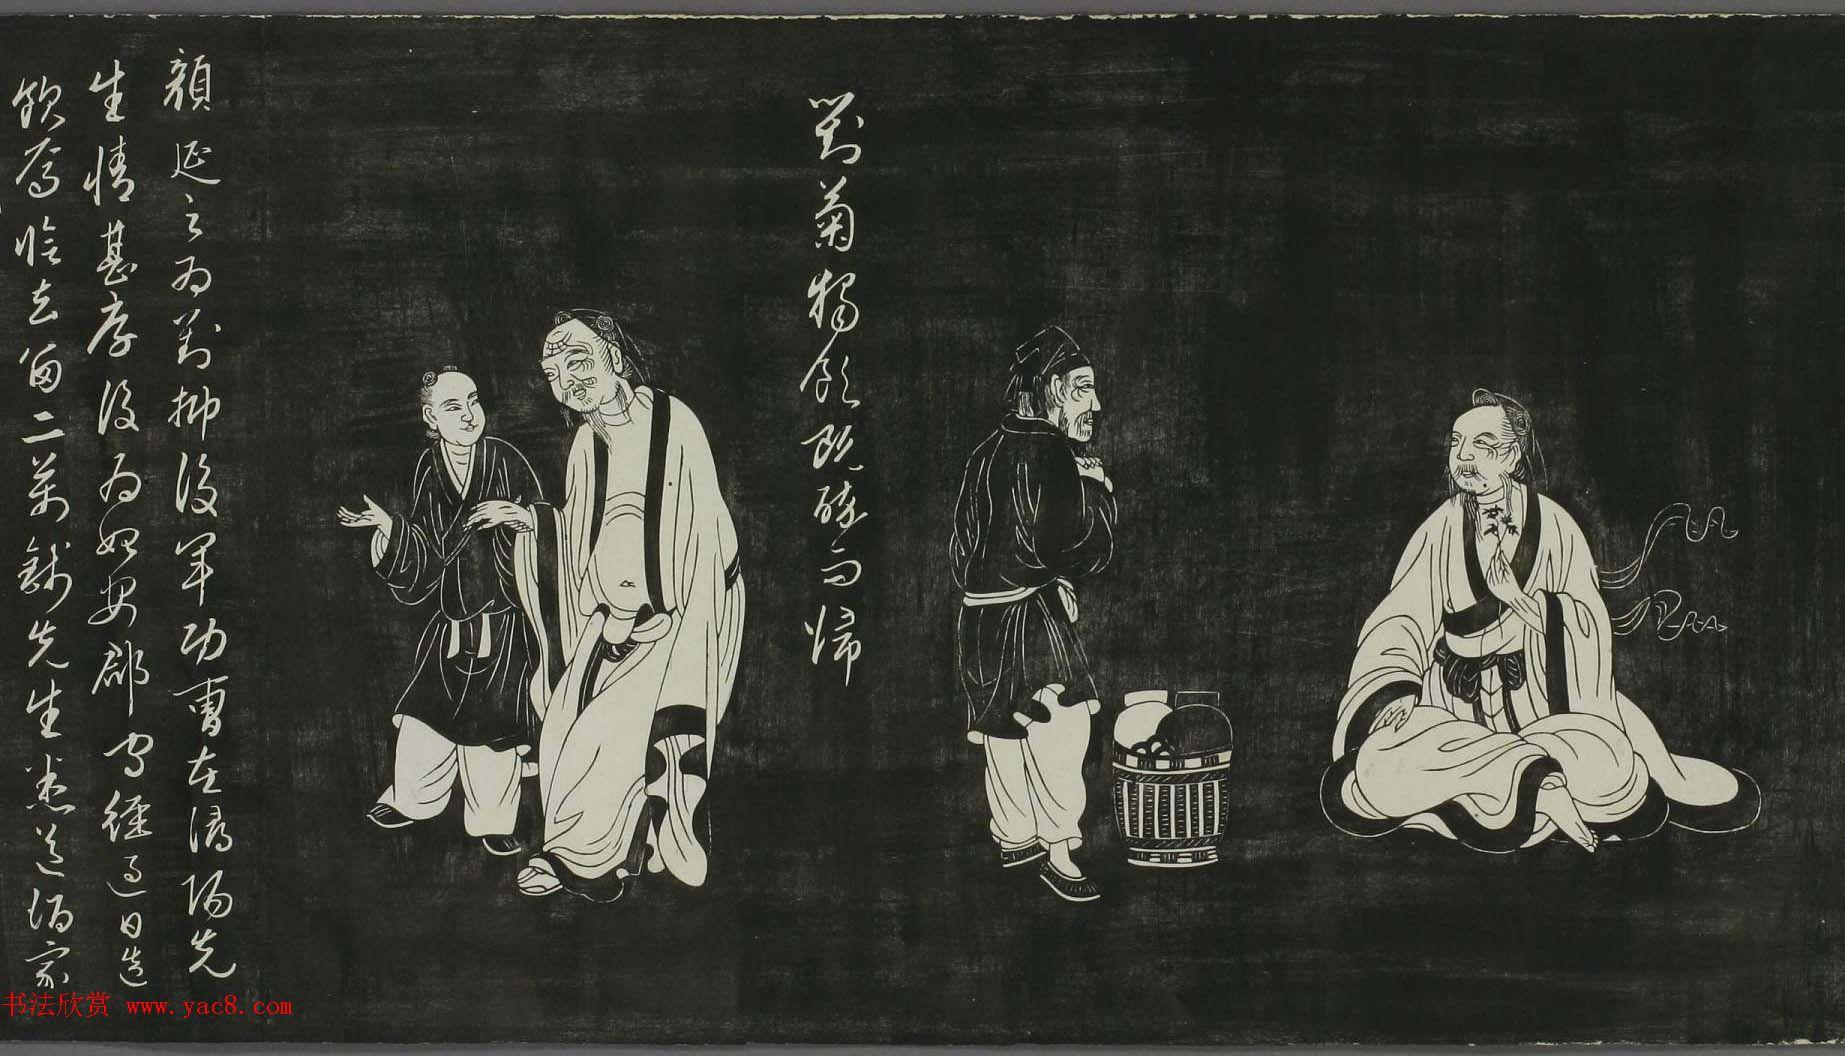 赵孟頫书画作品欣赏《陶渊明像传》刻本